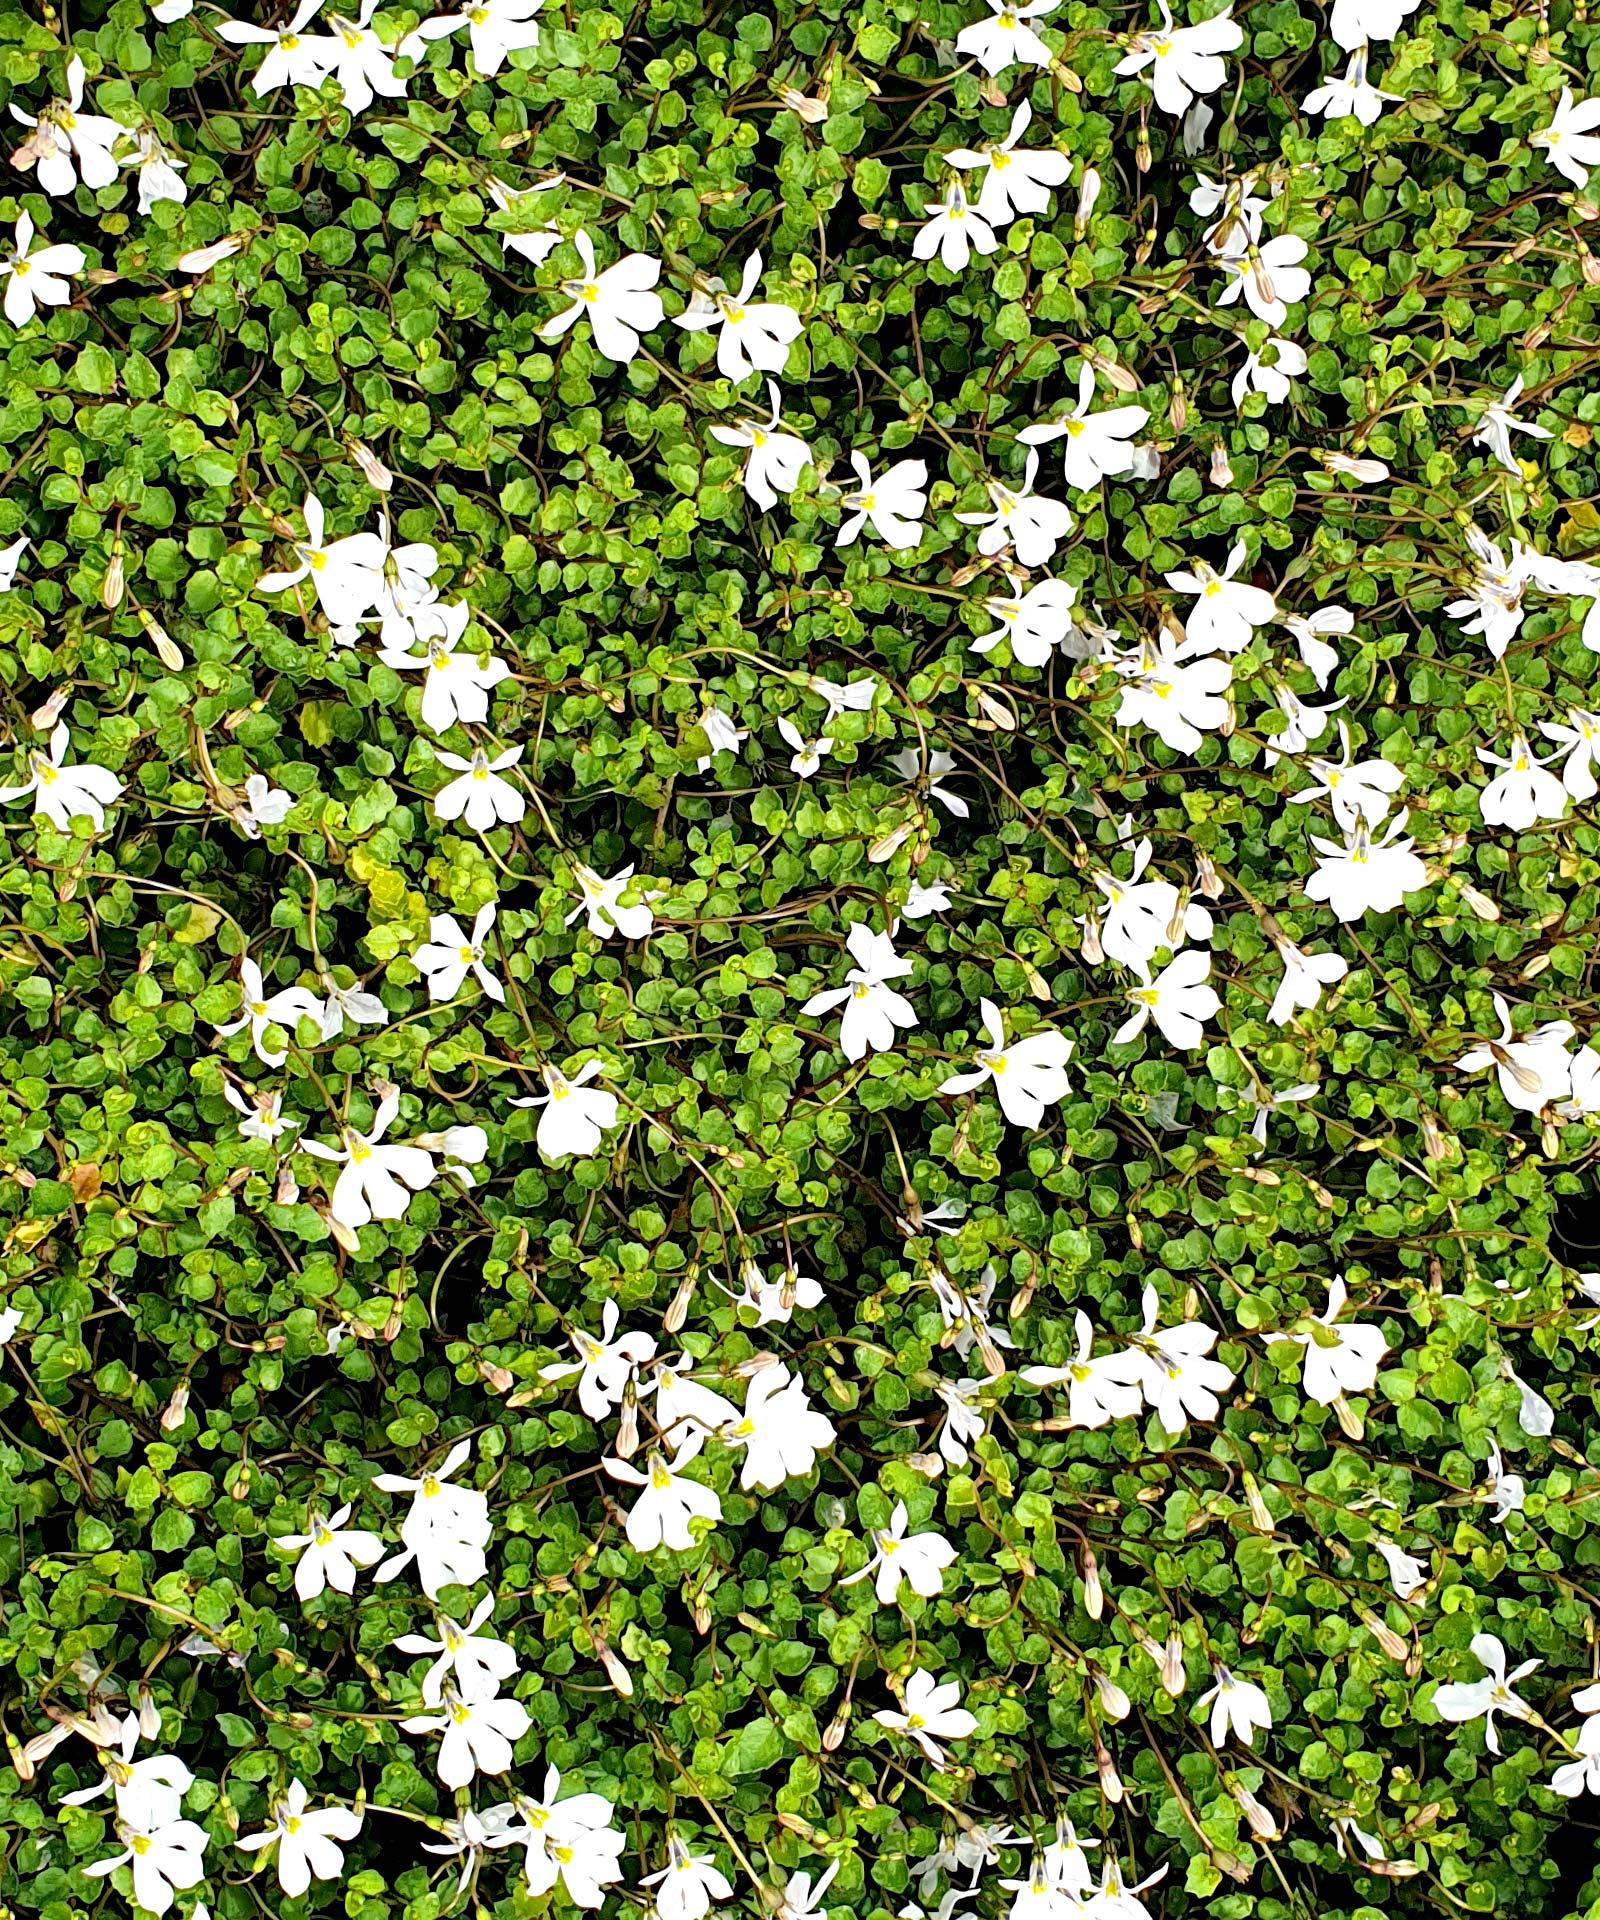 Lobelia-pratia-angulata